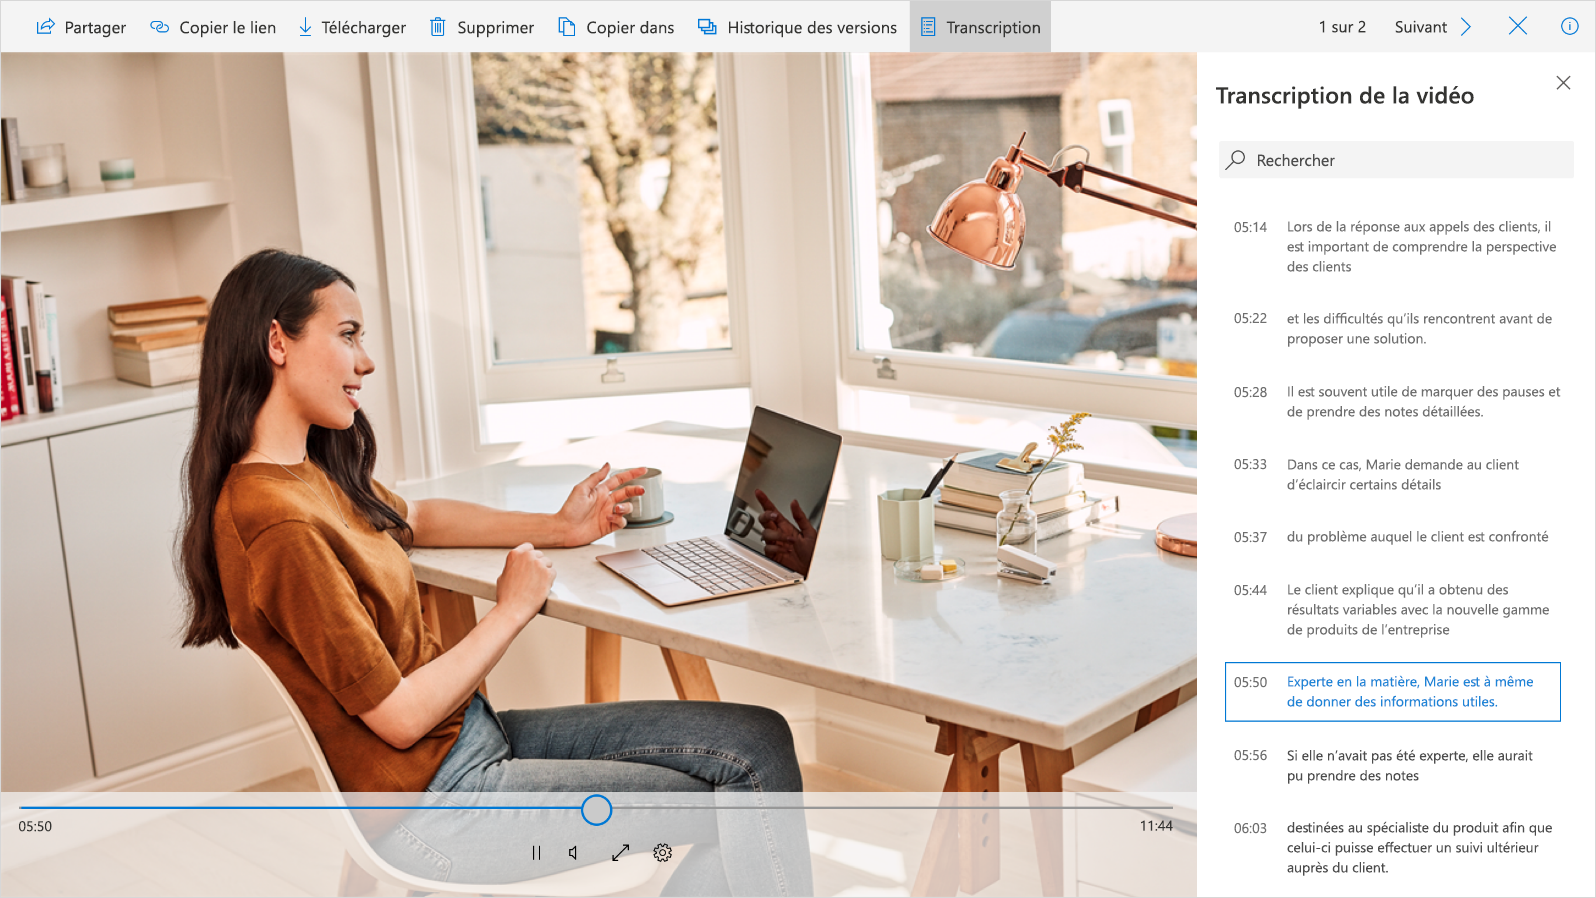 Capture d'écran montrant une vidéo et sa transcription dans la barre latérale droite.